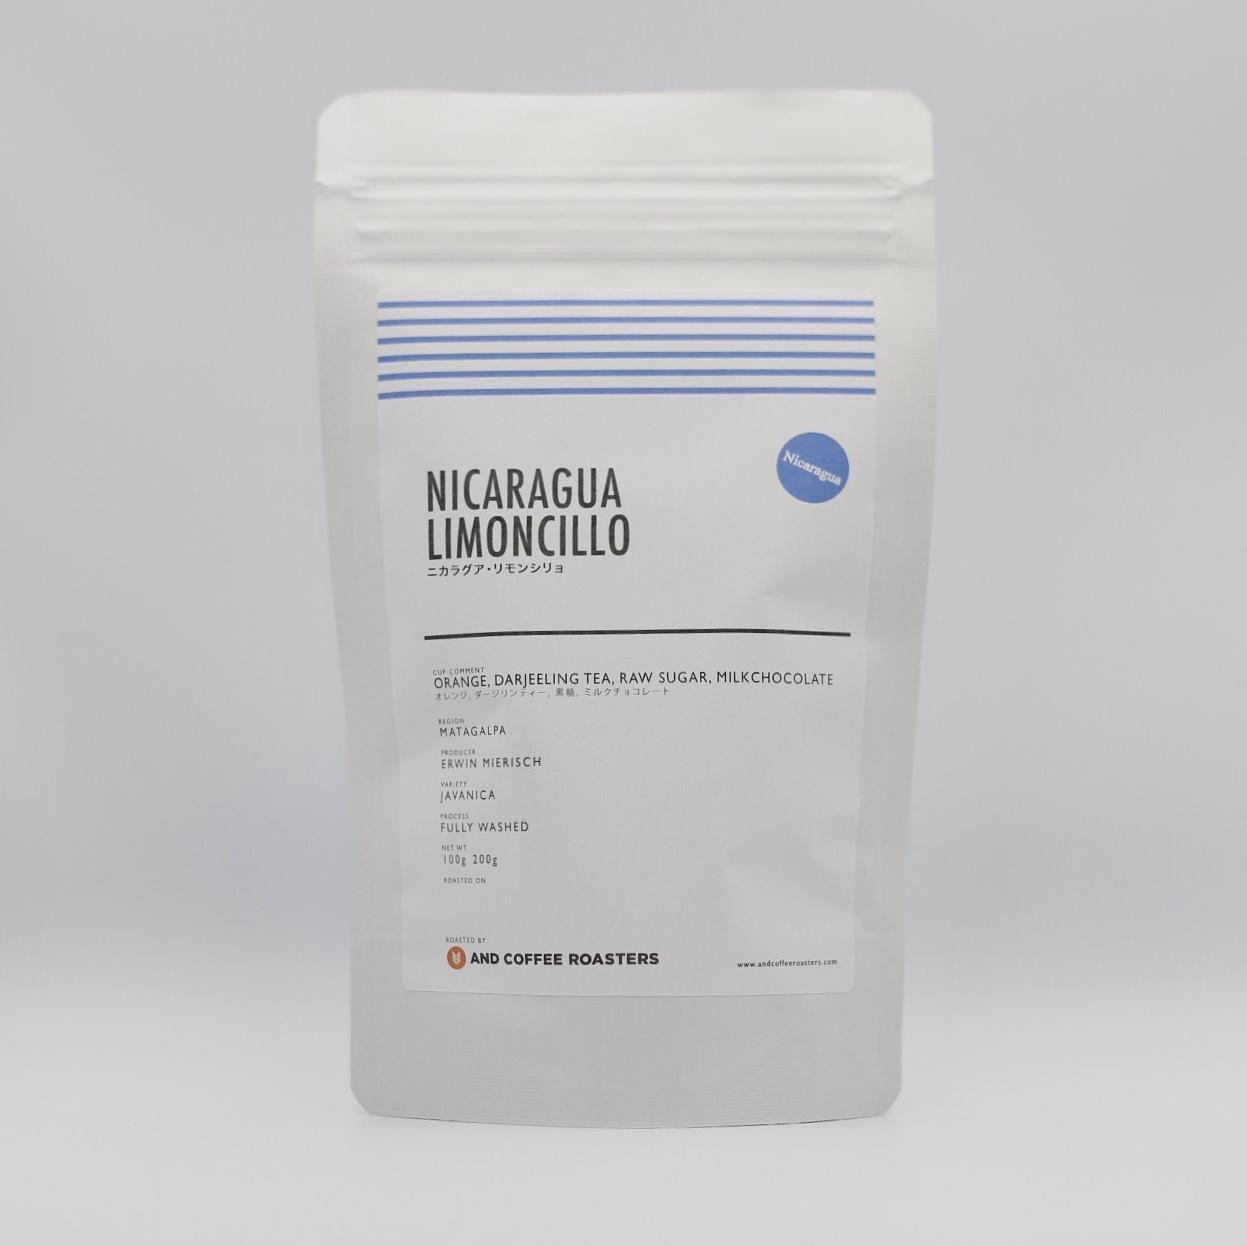 ニカラグア / リモンシリョ ジャバニカ 100g